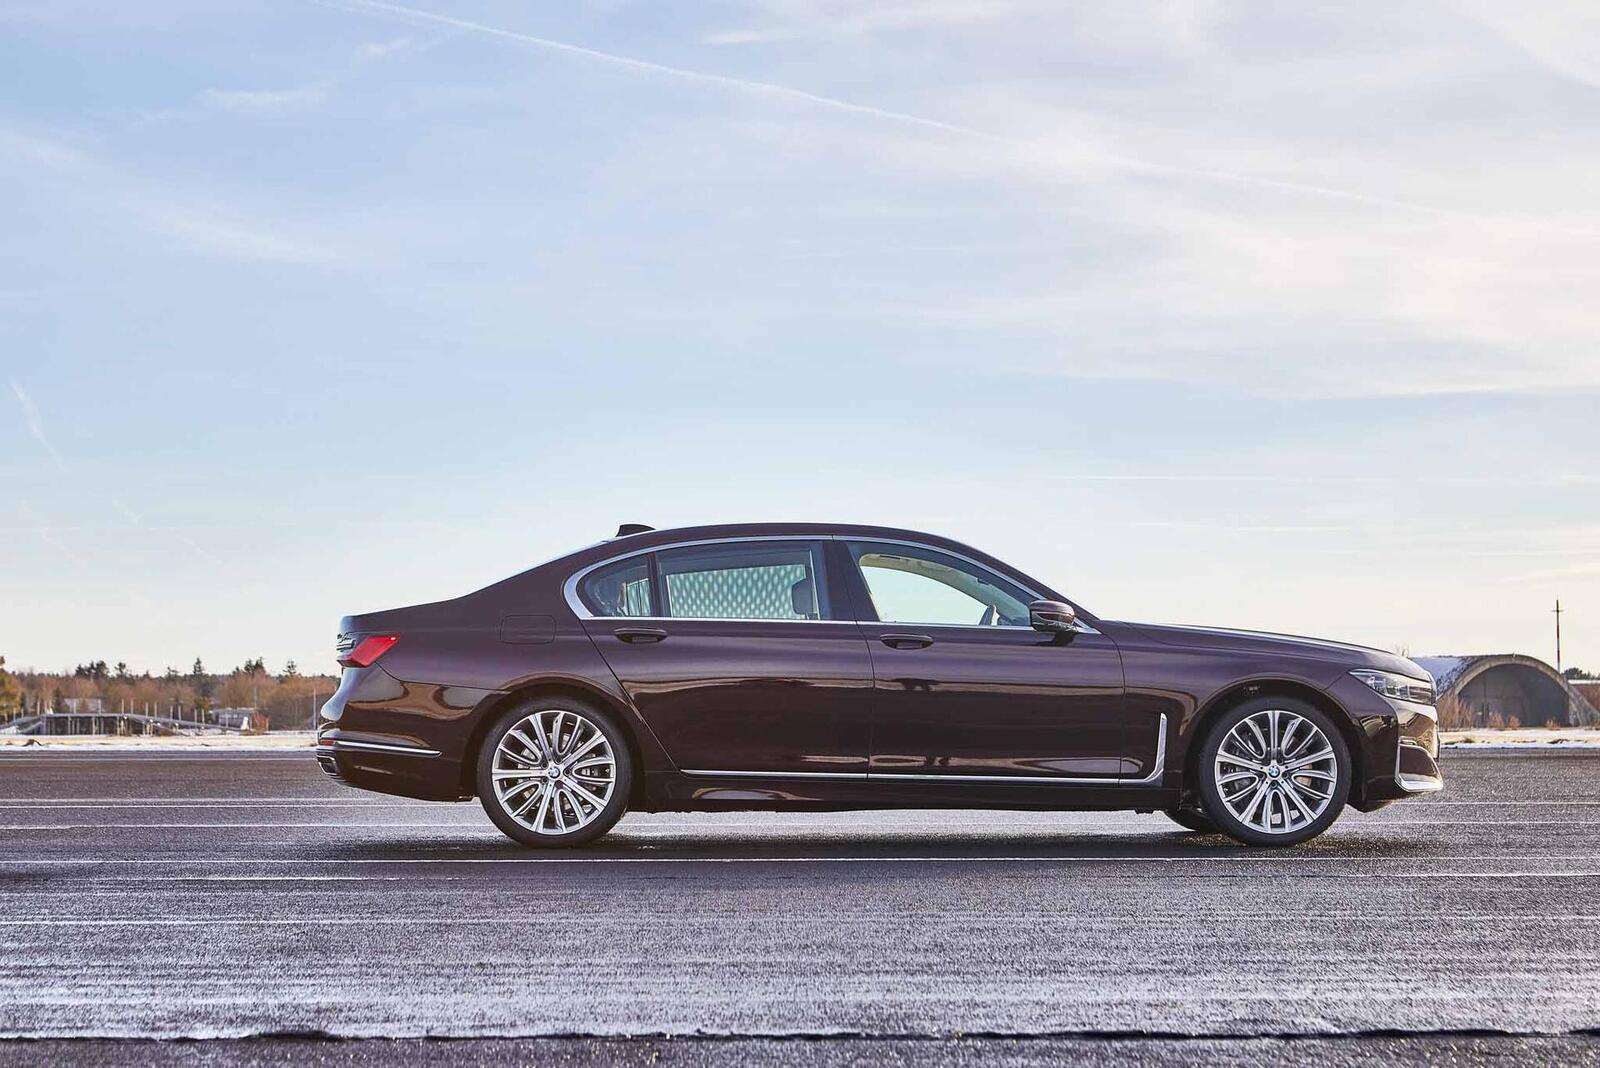 BMW giới thiệu 7 Series PHEV 2020 mới; lắp động cơ 3.0L mới thay chế cho 2.0L cũ - Hình 5